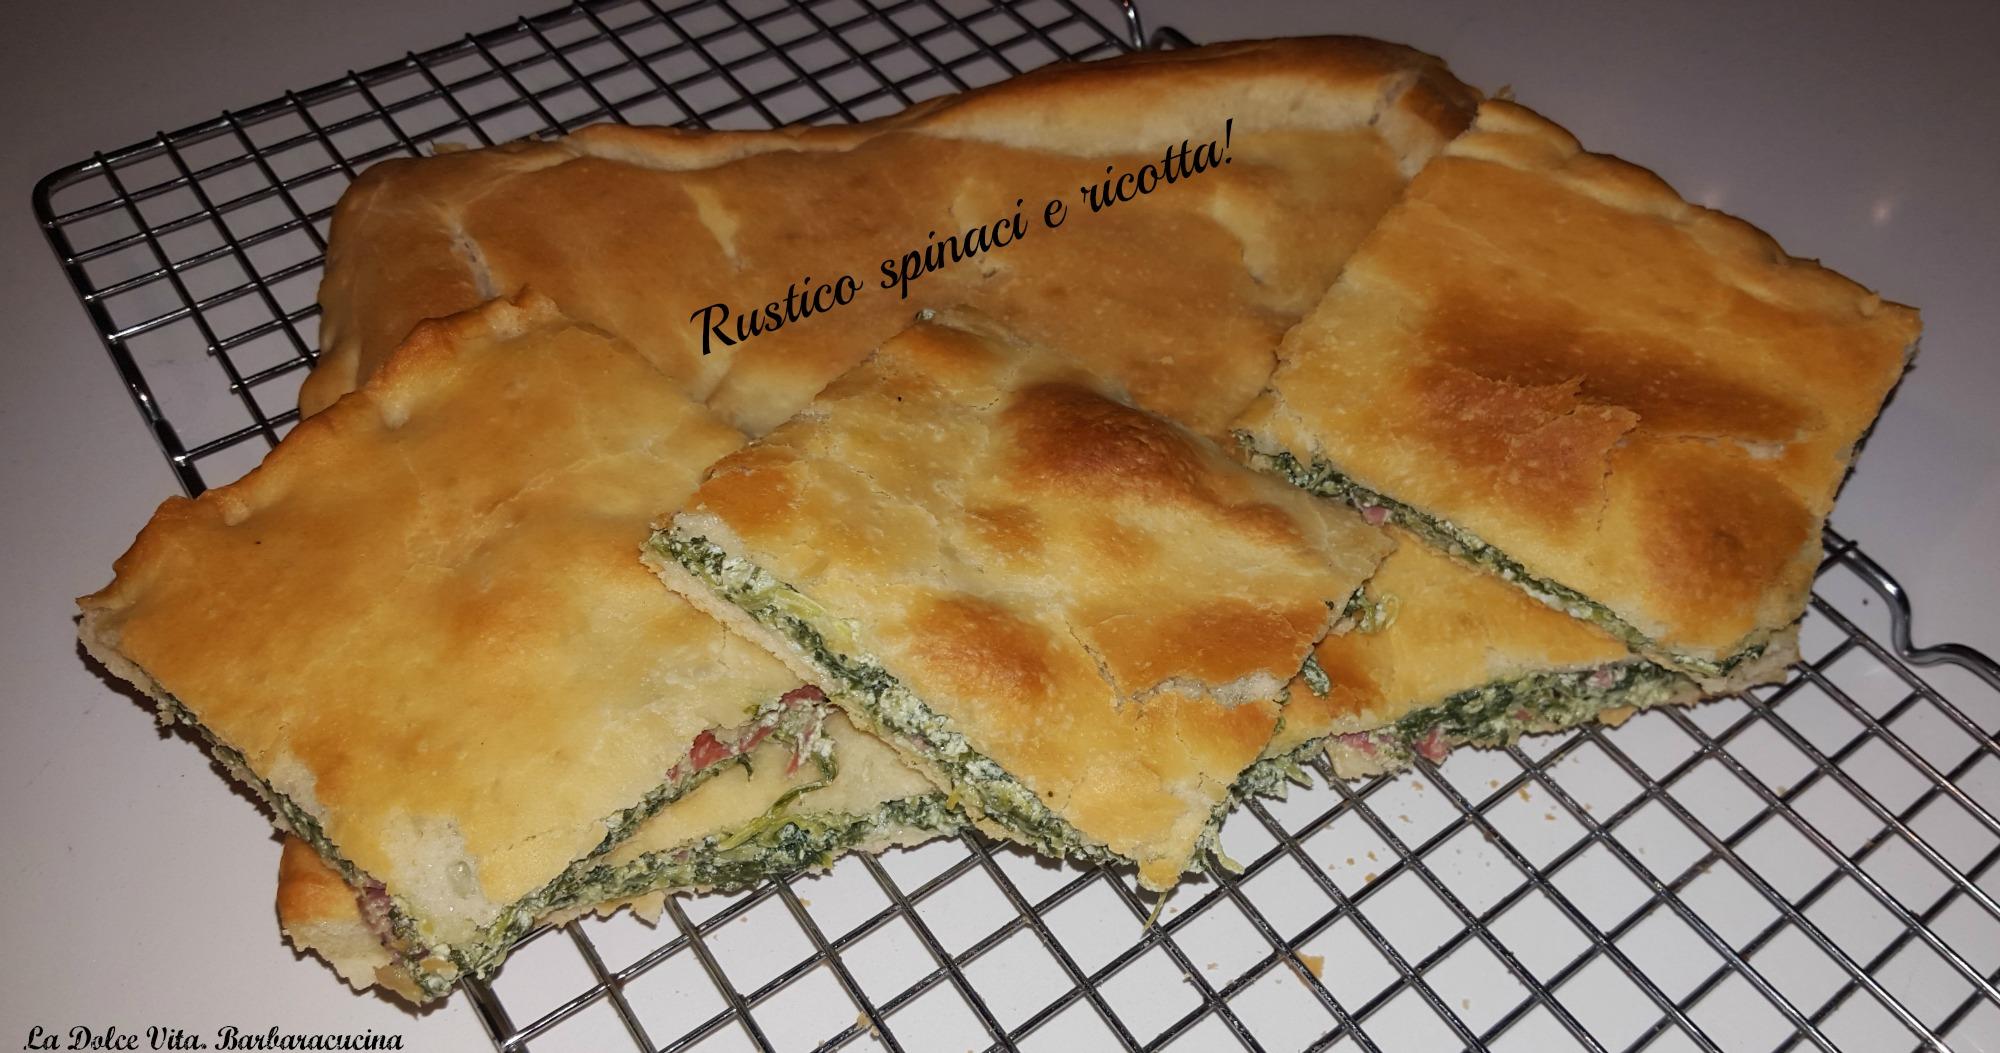 rustico con spinaci e ricotta 1